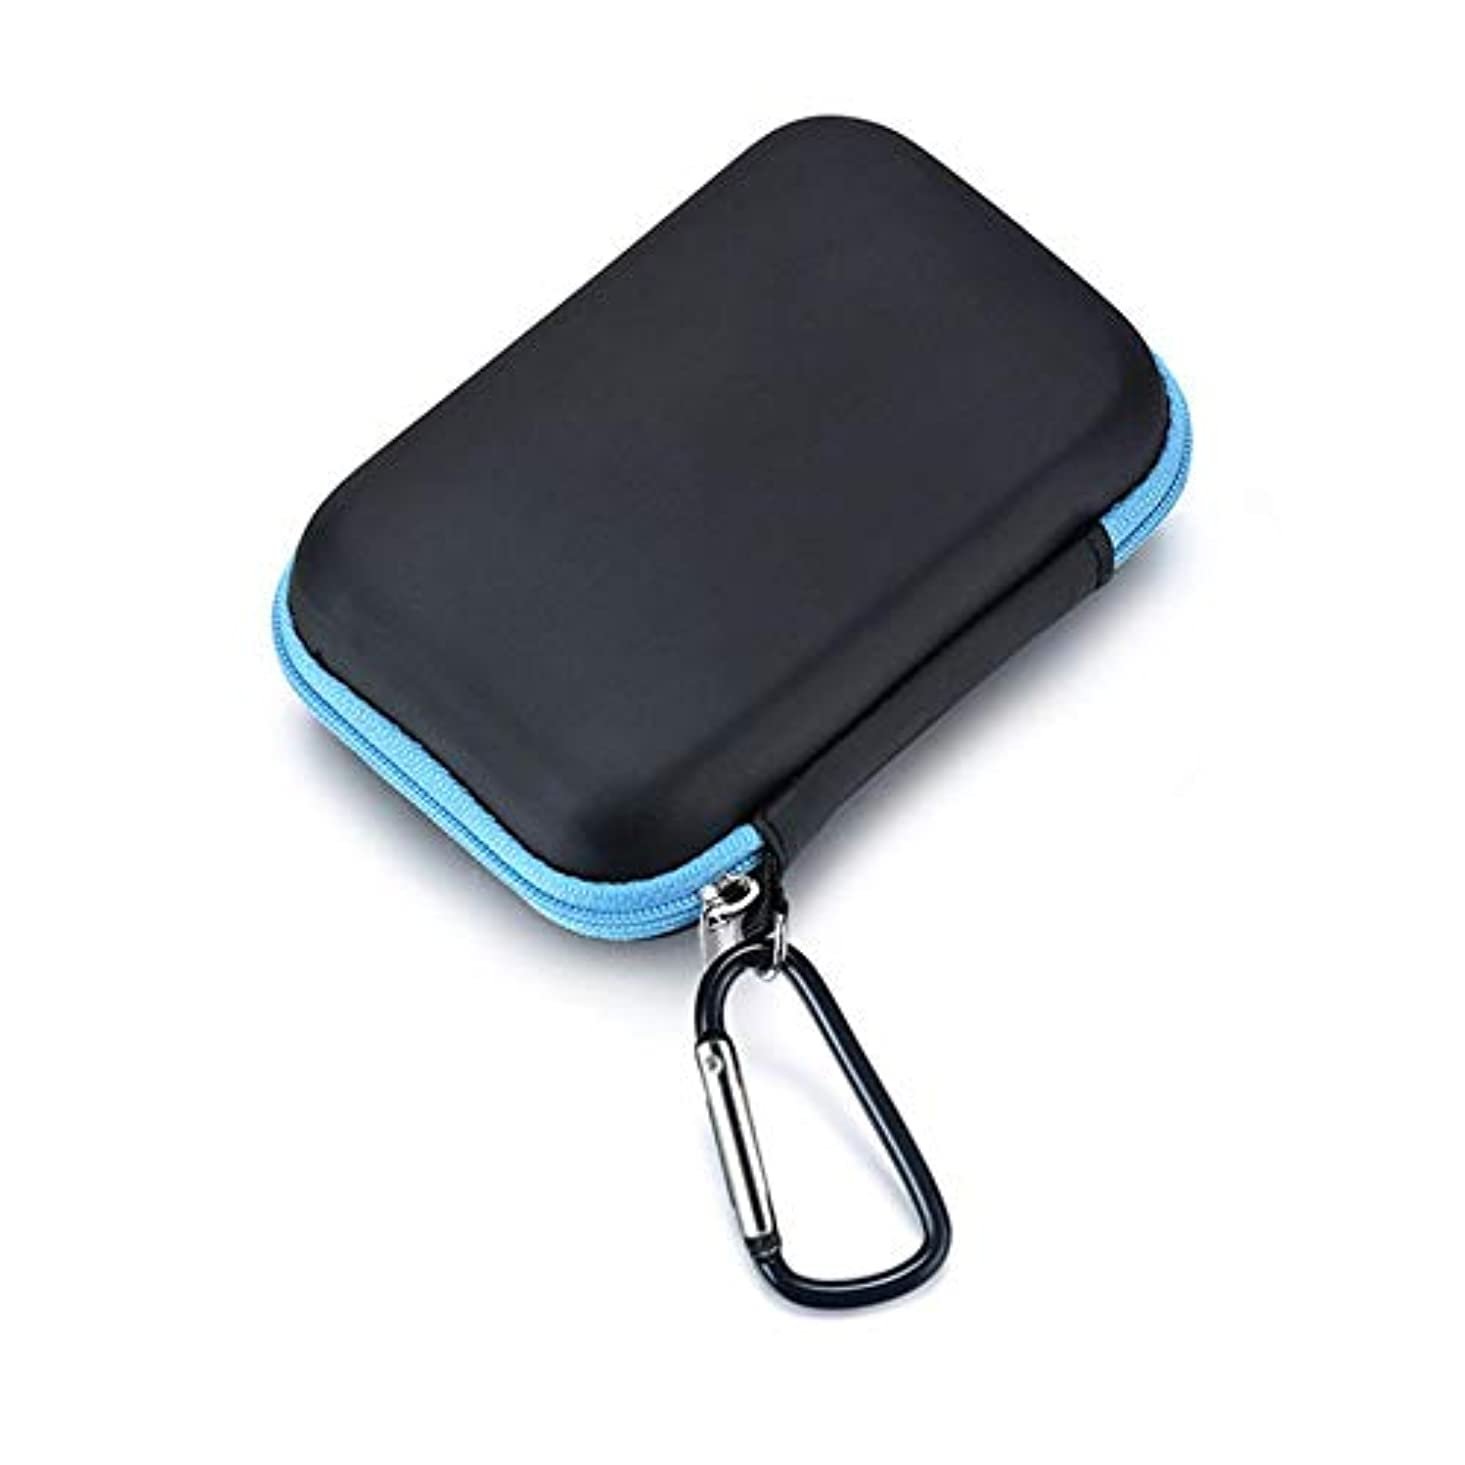 経済的巨人未満エッセンシャルオイル収納バッグ 収納ケース 携帯用ポーチ EVA製 15本入り 1ml?2ml?3mlの精油ボルトに対応 junexi